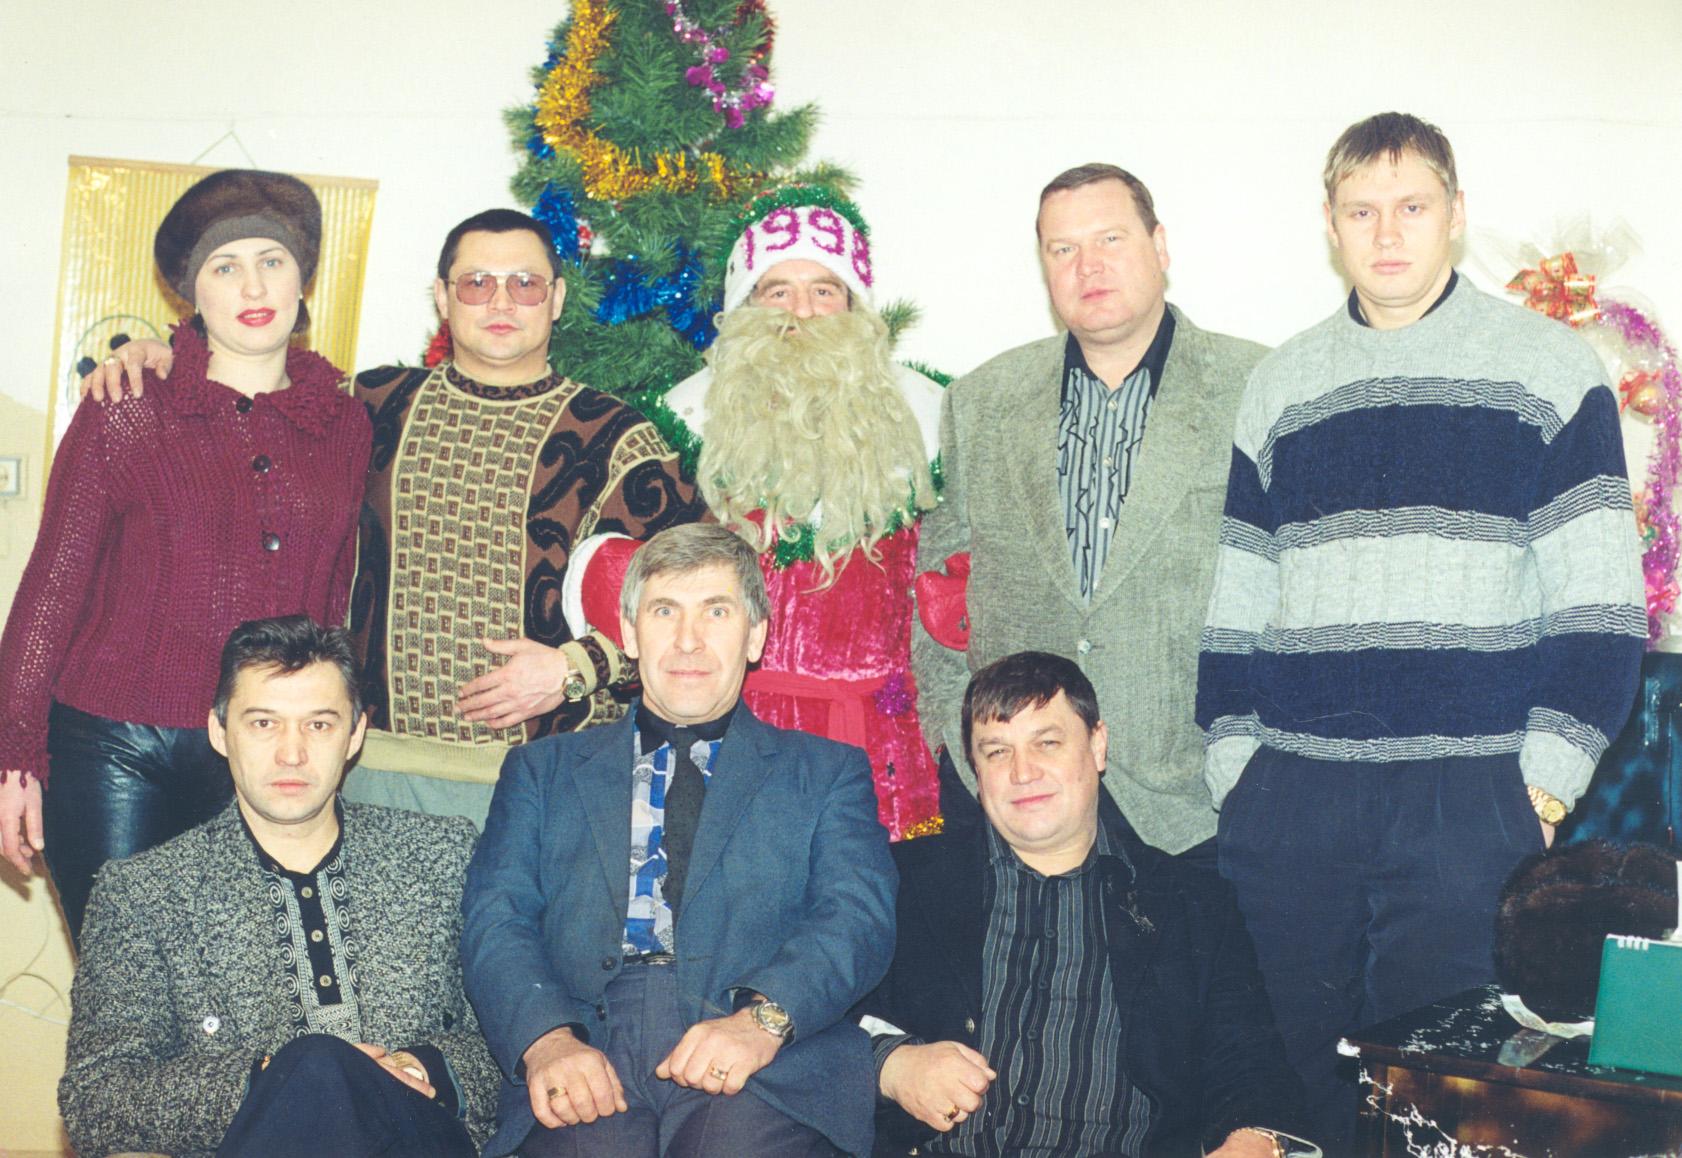 «Ключевские» на суде не признали свою вину. Экс-депутат Читинской облдумы заявил, что дело сфабриковано